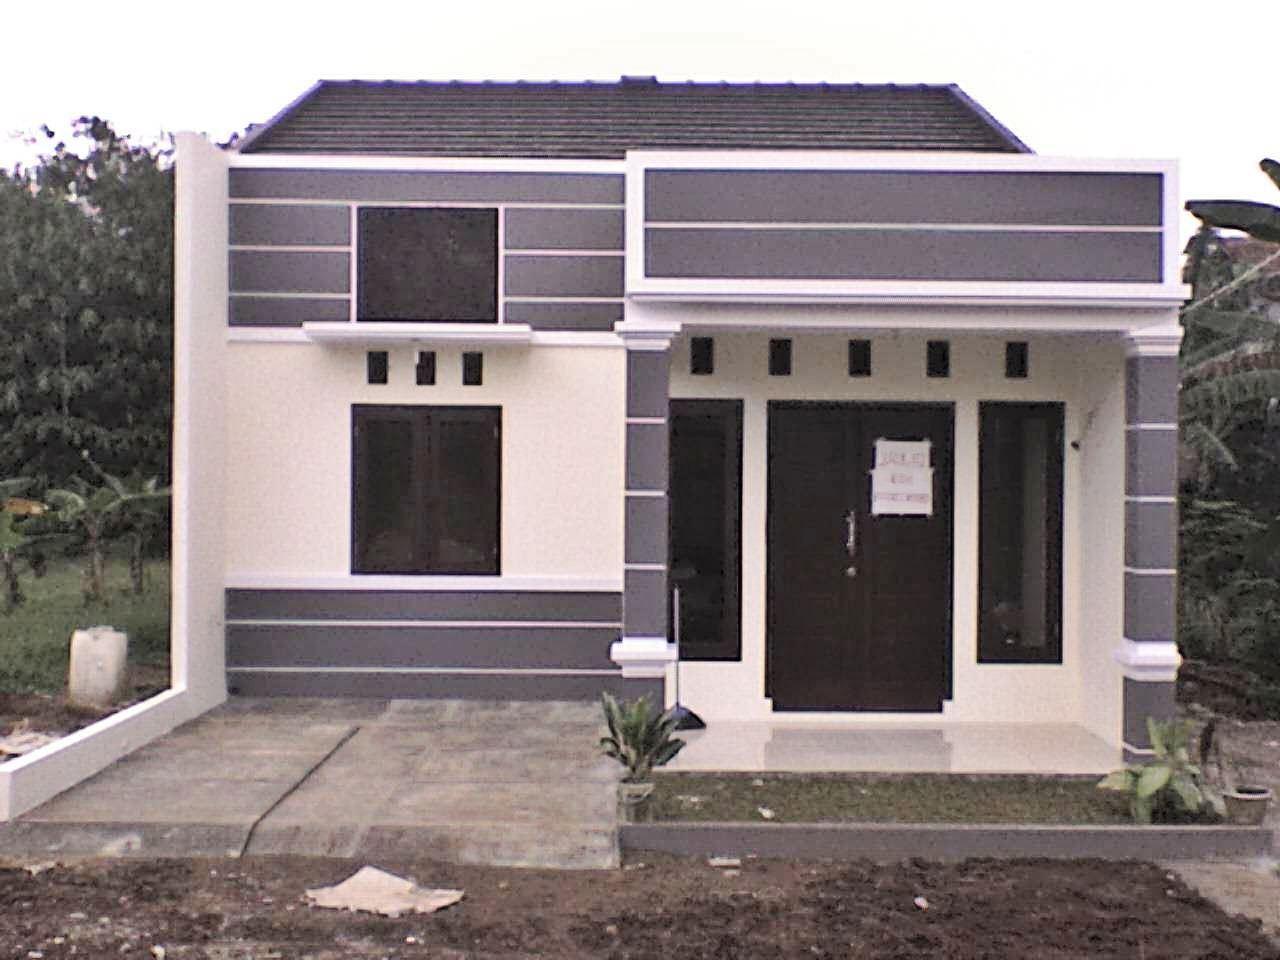 Hebat 21 Gambar Rumah Minimalis 1 Kamar 22 Ide Renovasi Rumah oleh 21 Gambar Rumah Minimalis 1 Kamar